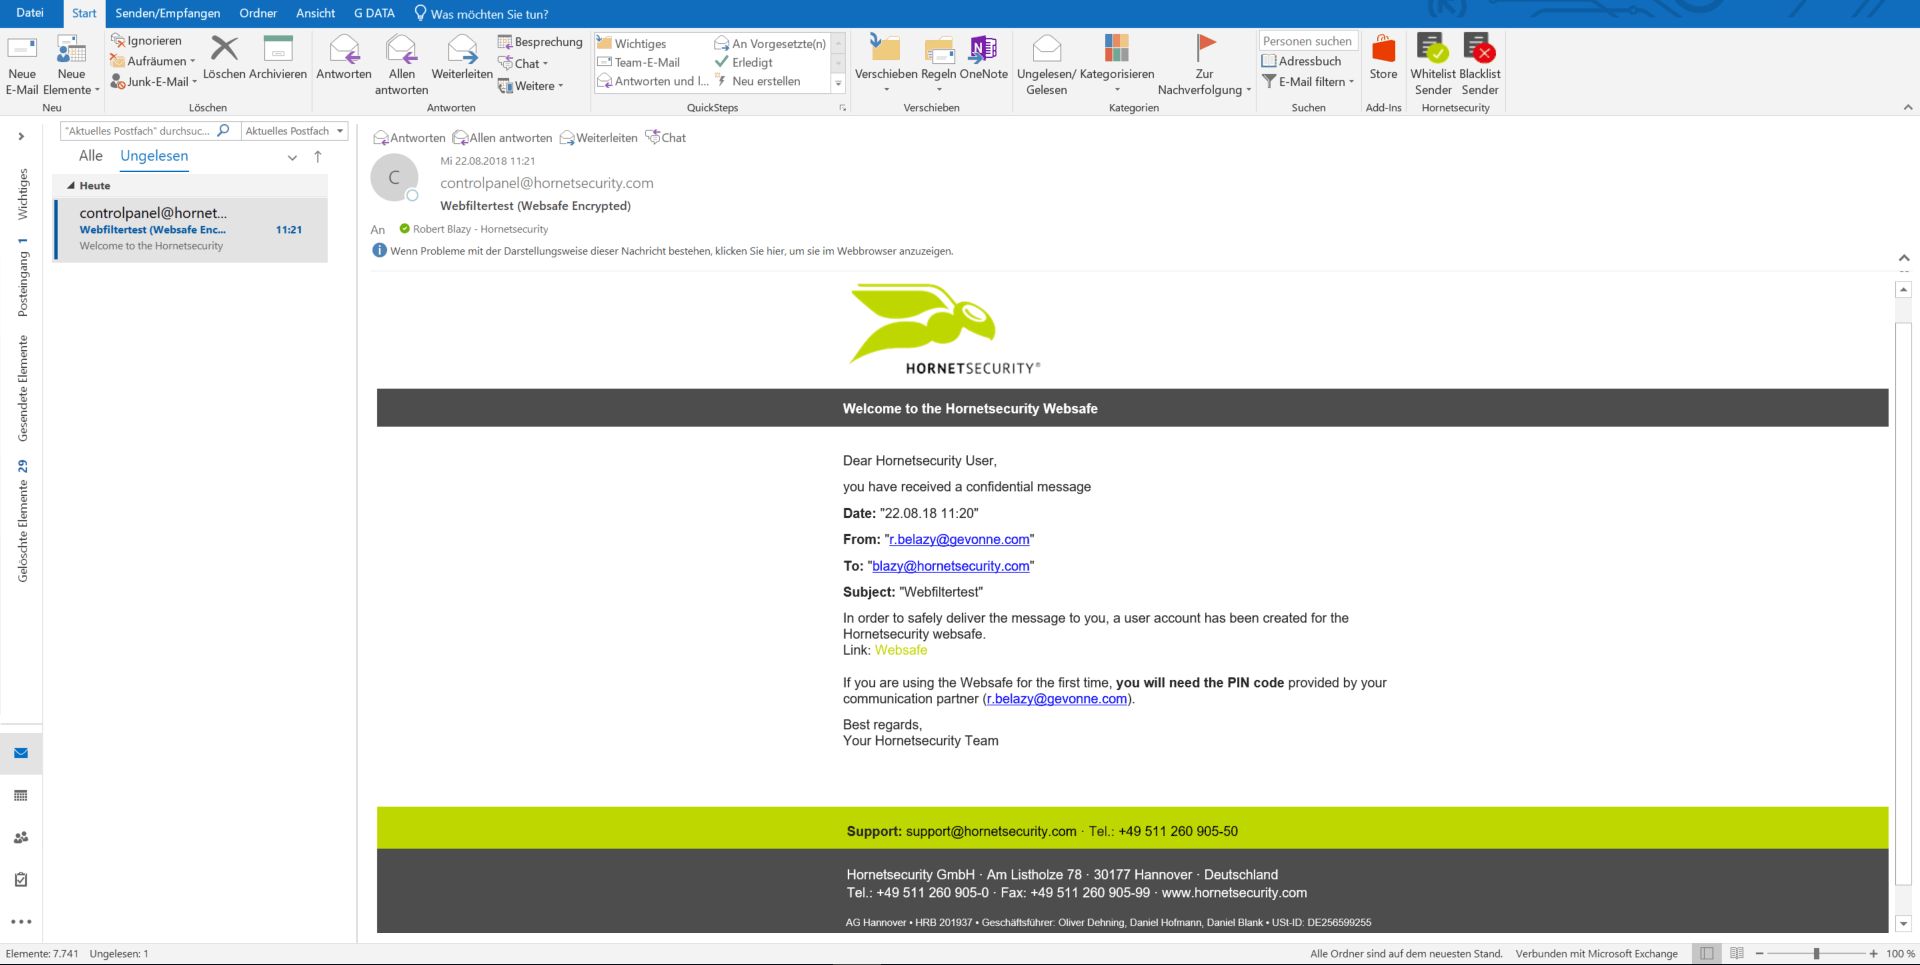 Ein Screenshot der Funktion Websafe im Hornetsecurity Dashboard.